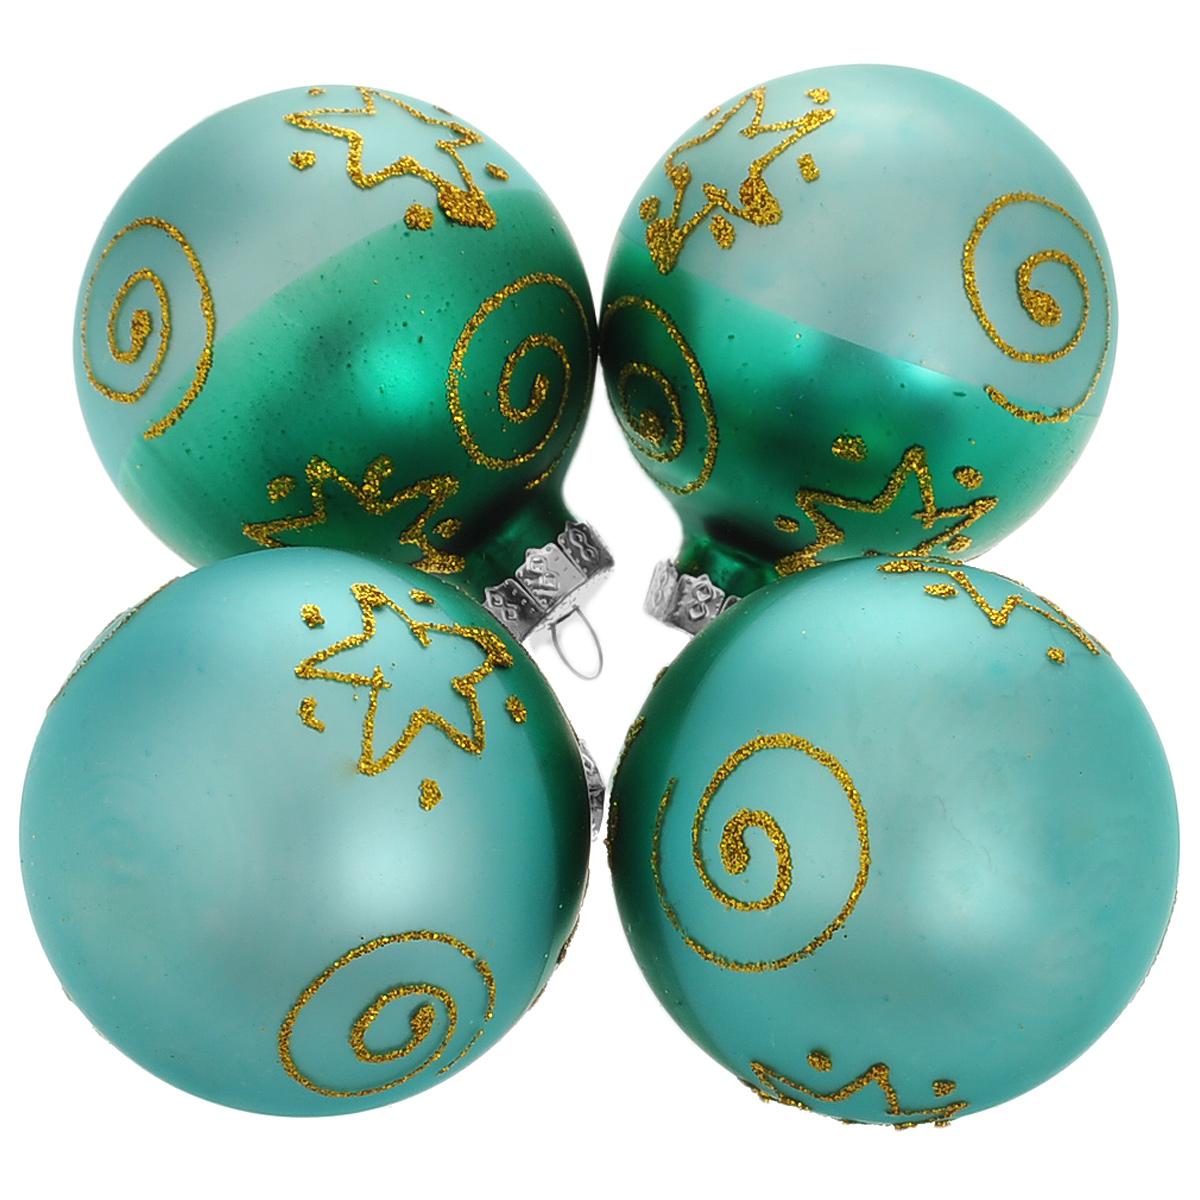 Набор новогодних подвесных украшений Шар, цвет: зеленый, золотистый, диаметр 6 см, 4 шт. 34502NLED-454-9W-BKНабор новогодних подвесных украшений Шар прекрасно подойдет для праздничного декора новогодней ели. Состоит из четырех шаров.Елочная игрушка - символ Нового года. Она несет в себе волшебство и красоту праздника. Создайте в своем доме атмосферу веселья и радости, украшая новогоднюю елку нарядными игрушками, которые будут из года в год накапливать теплоту воспоминаний. Коллекция декоративных украшений принесет в ваш дом ни с чем несравнимое ощущение волшебства! Откройте для себя удивительный мир сказок и грез. Почувствуйте волшебные минуты ожидания праздника, создайте новогоднее настроение вашим дорогим и близким.